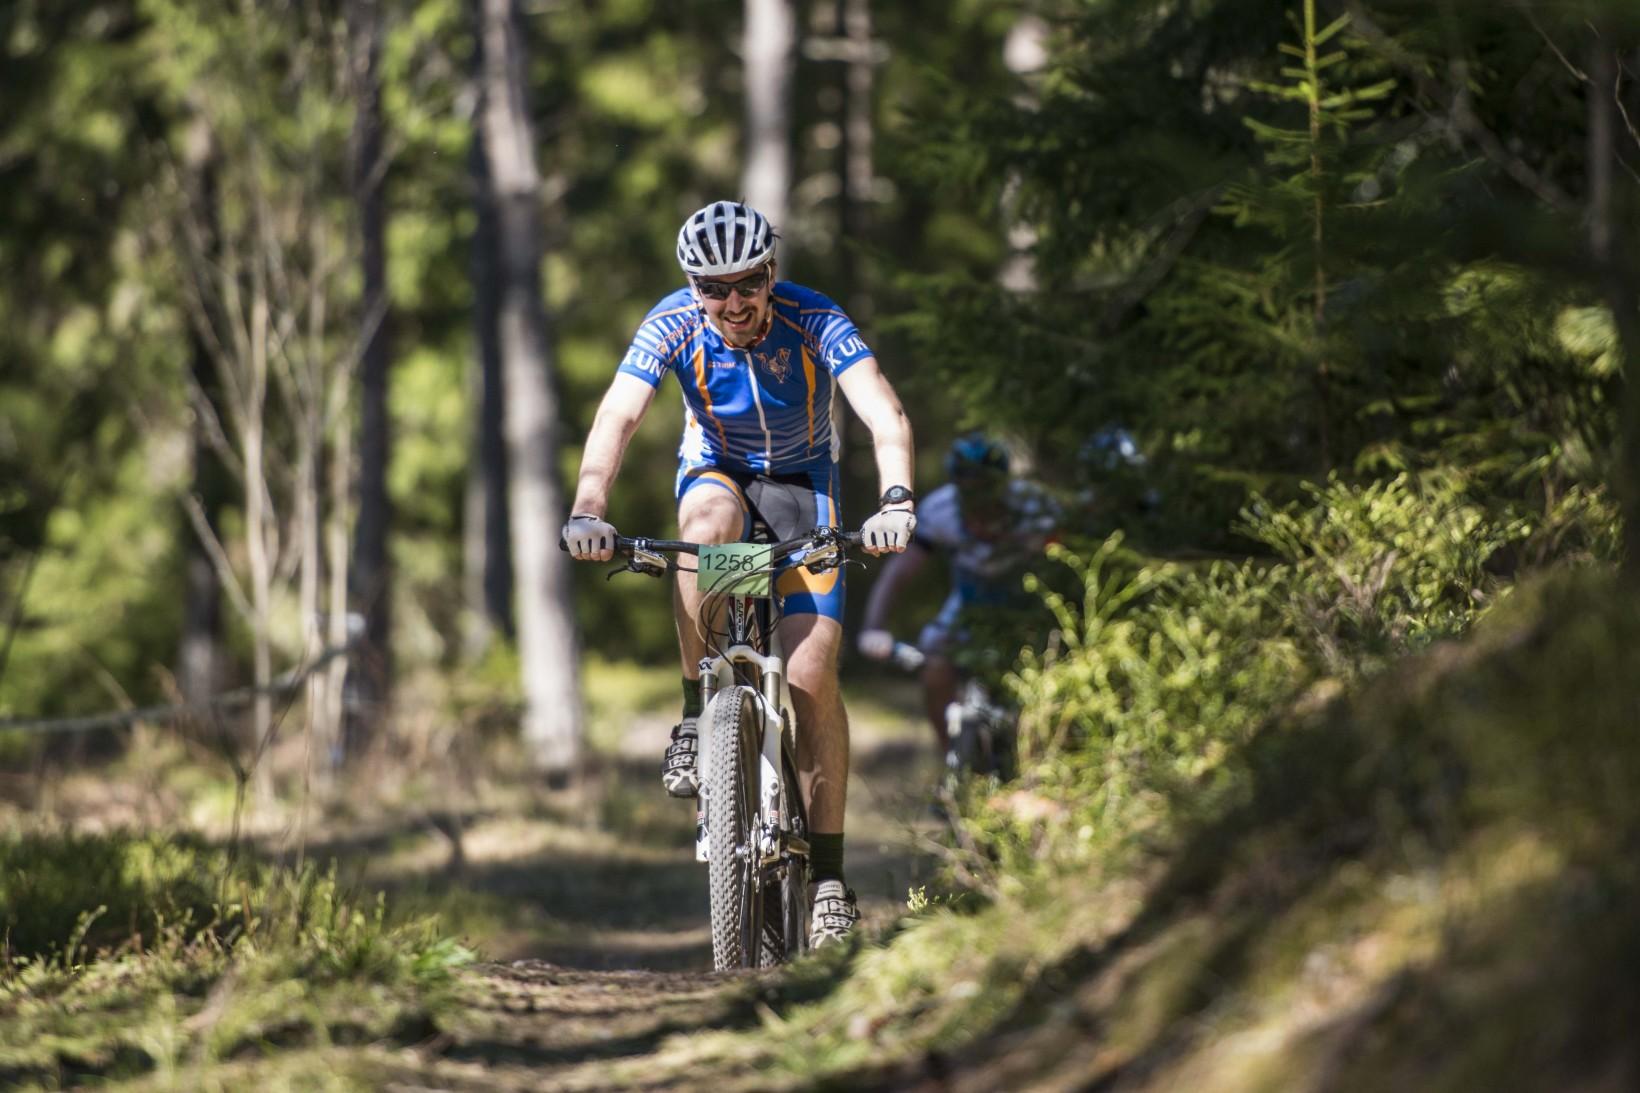 Jesper_Andersson_JAN_8484_www.jeppman.com